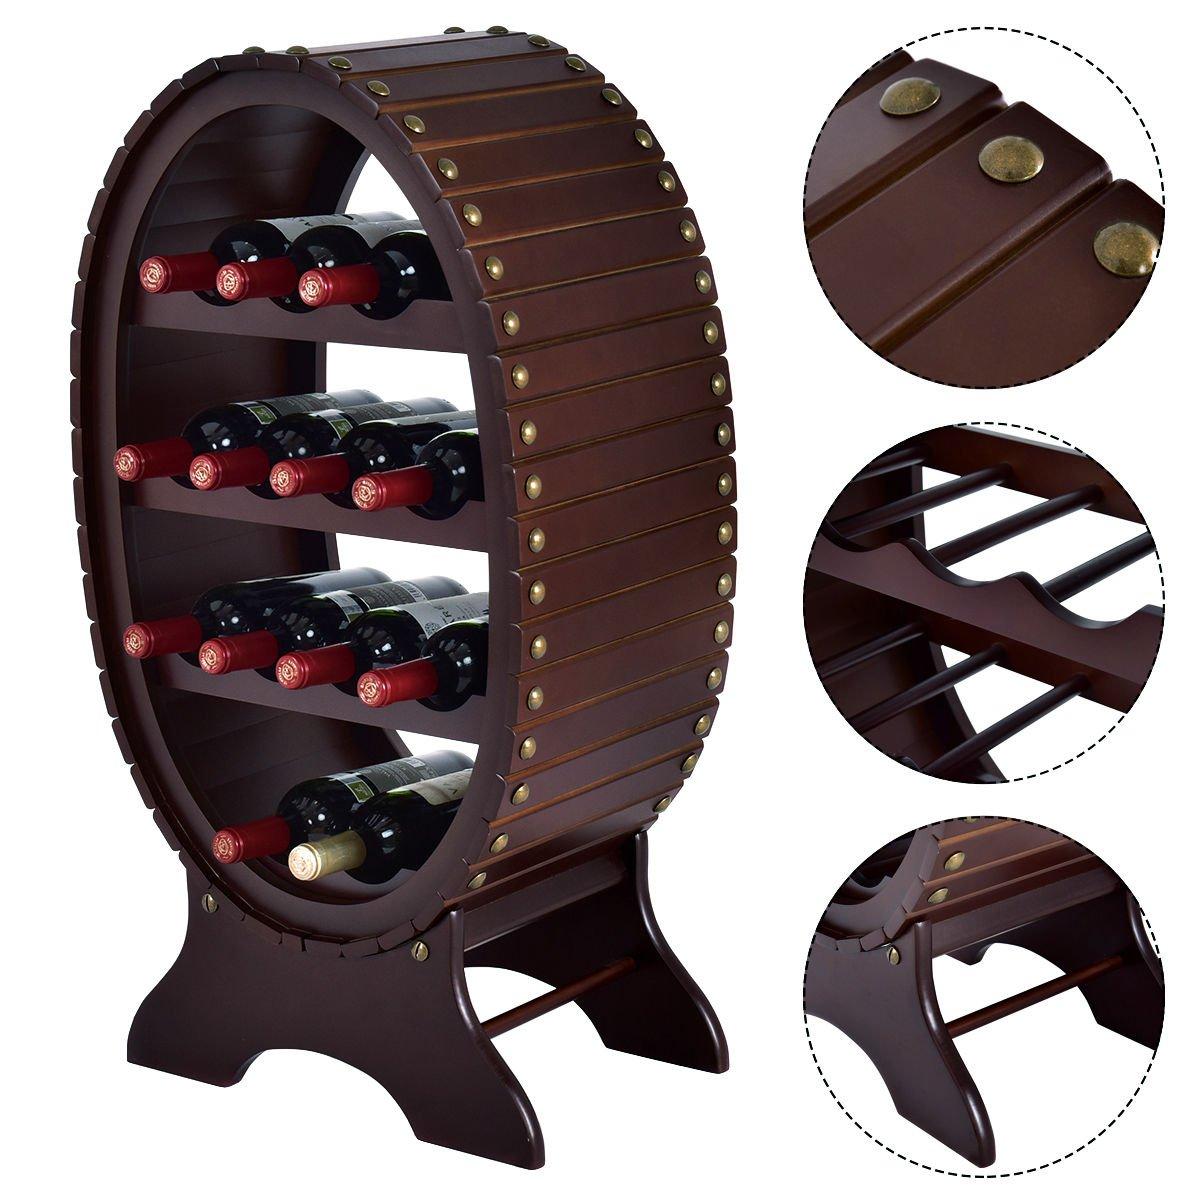 4 Tier Vintage Wine Rack Wood Storage Shelf Holder Liquor Home Decor 13 Bottles